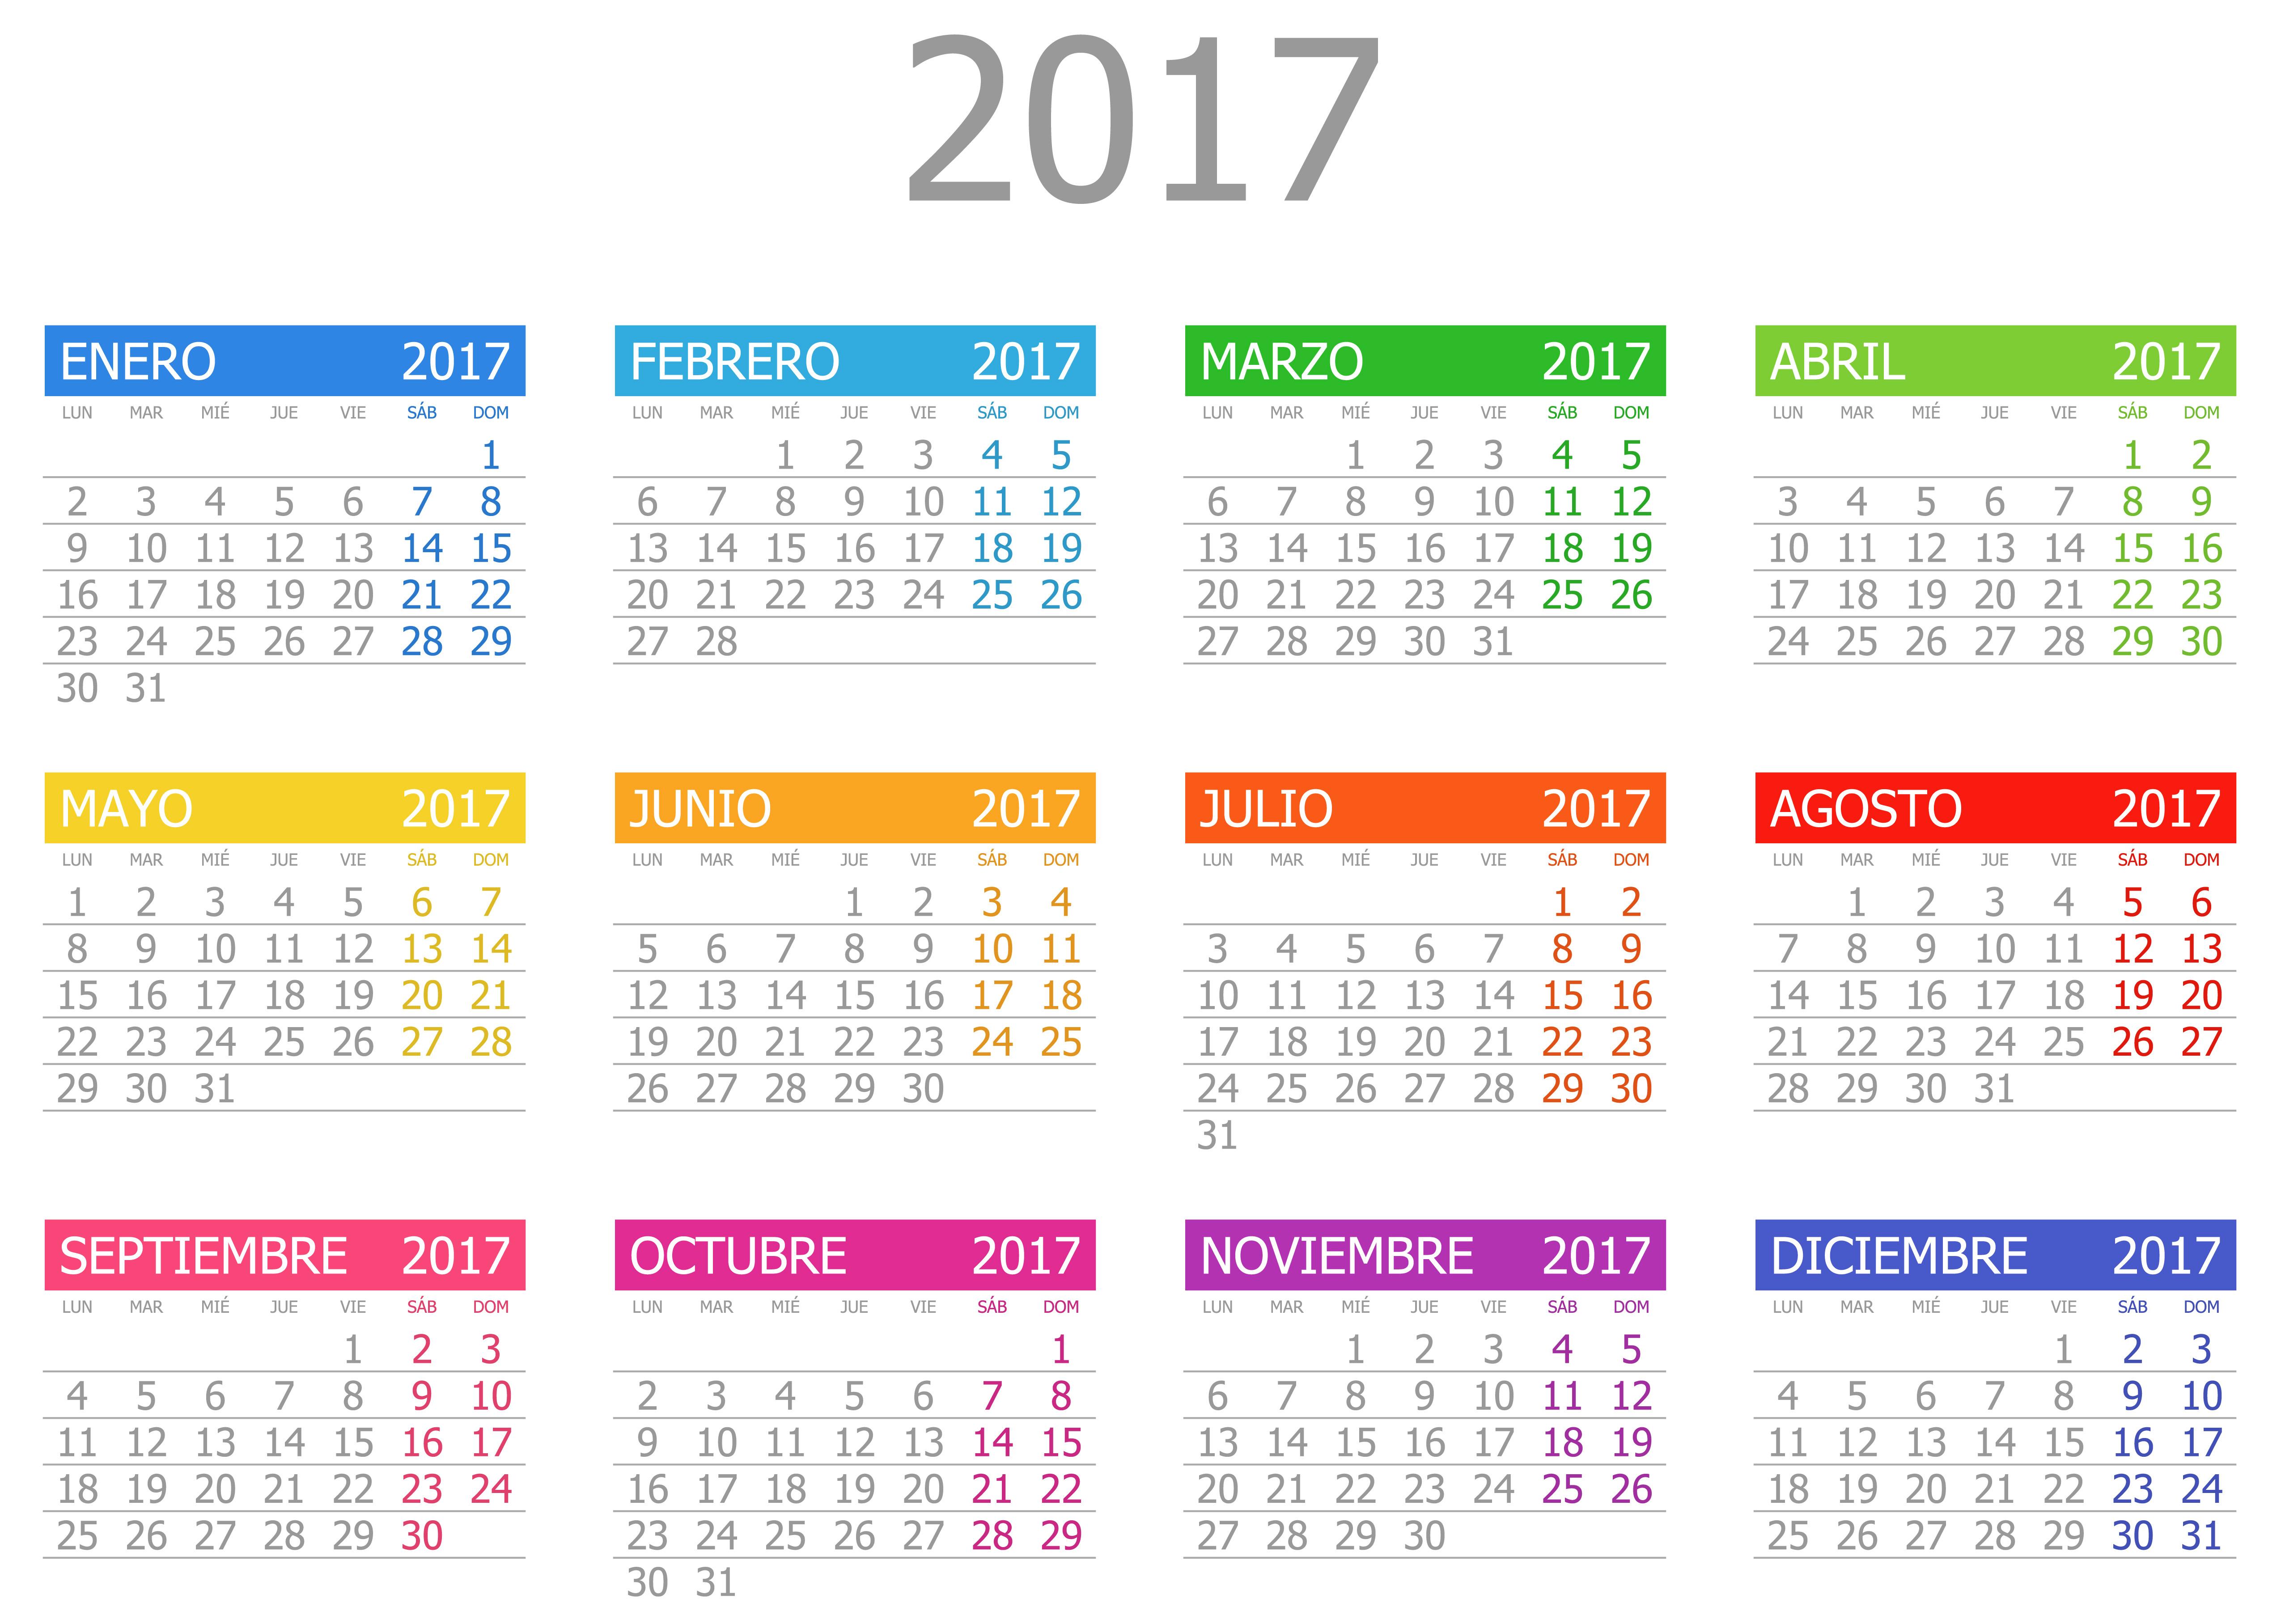 Calendarios 2017 calendars aurora - Calendario 2017 para imprimir por meses ...